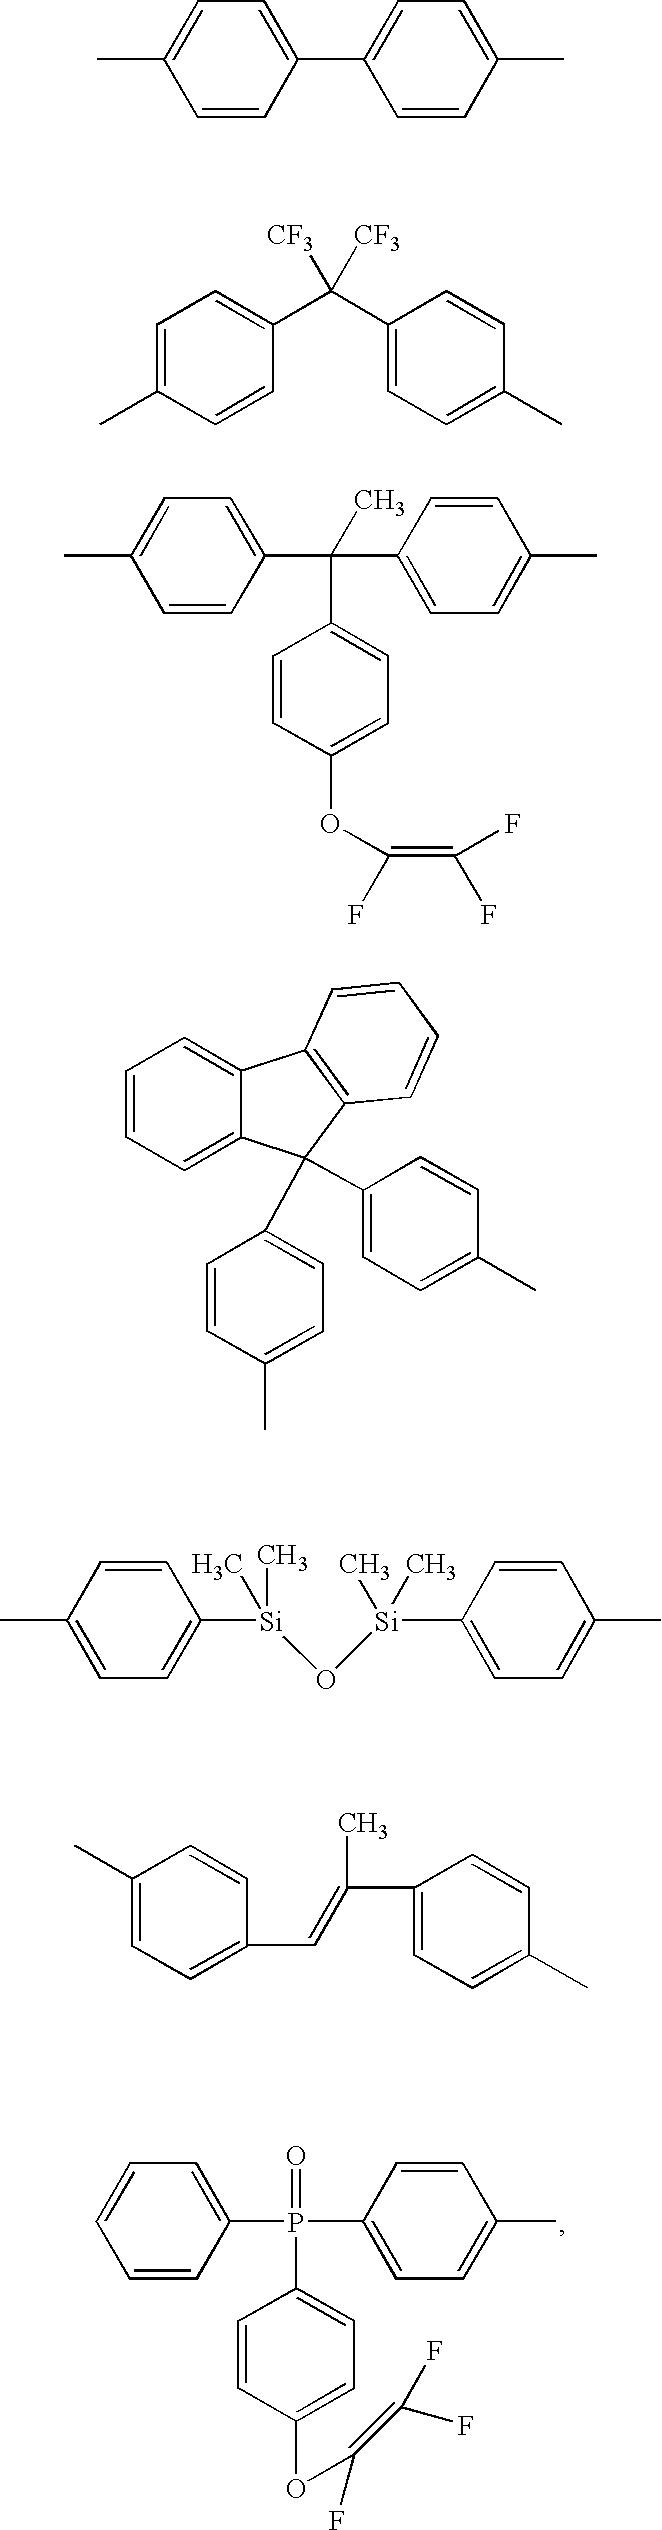 Figure US06649715-20031118-C00008